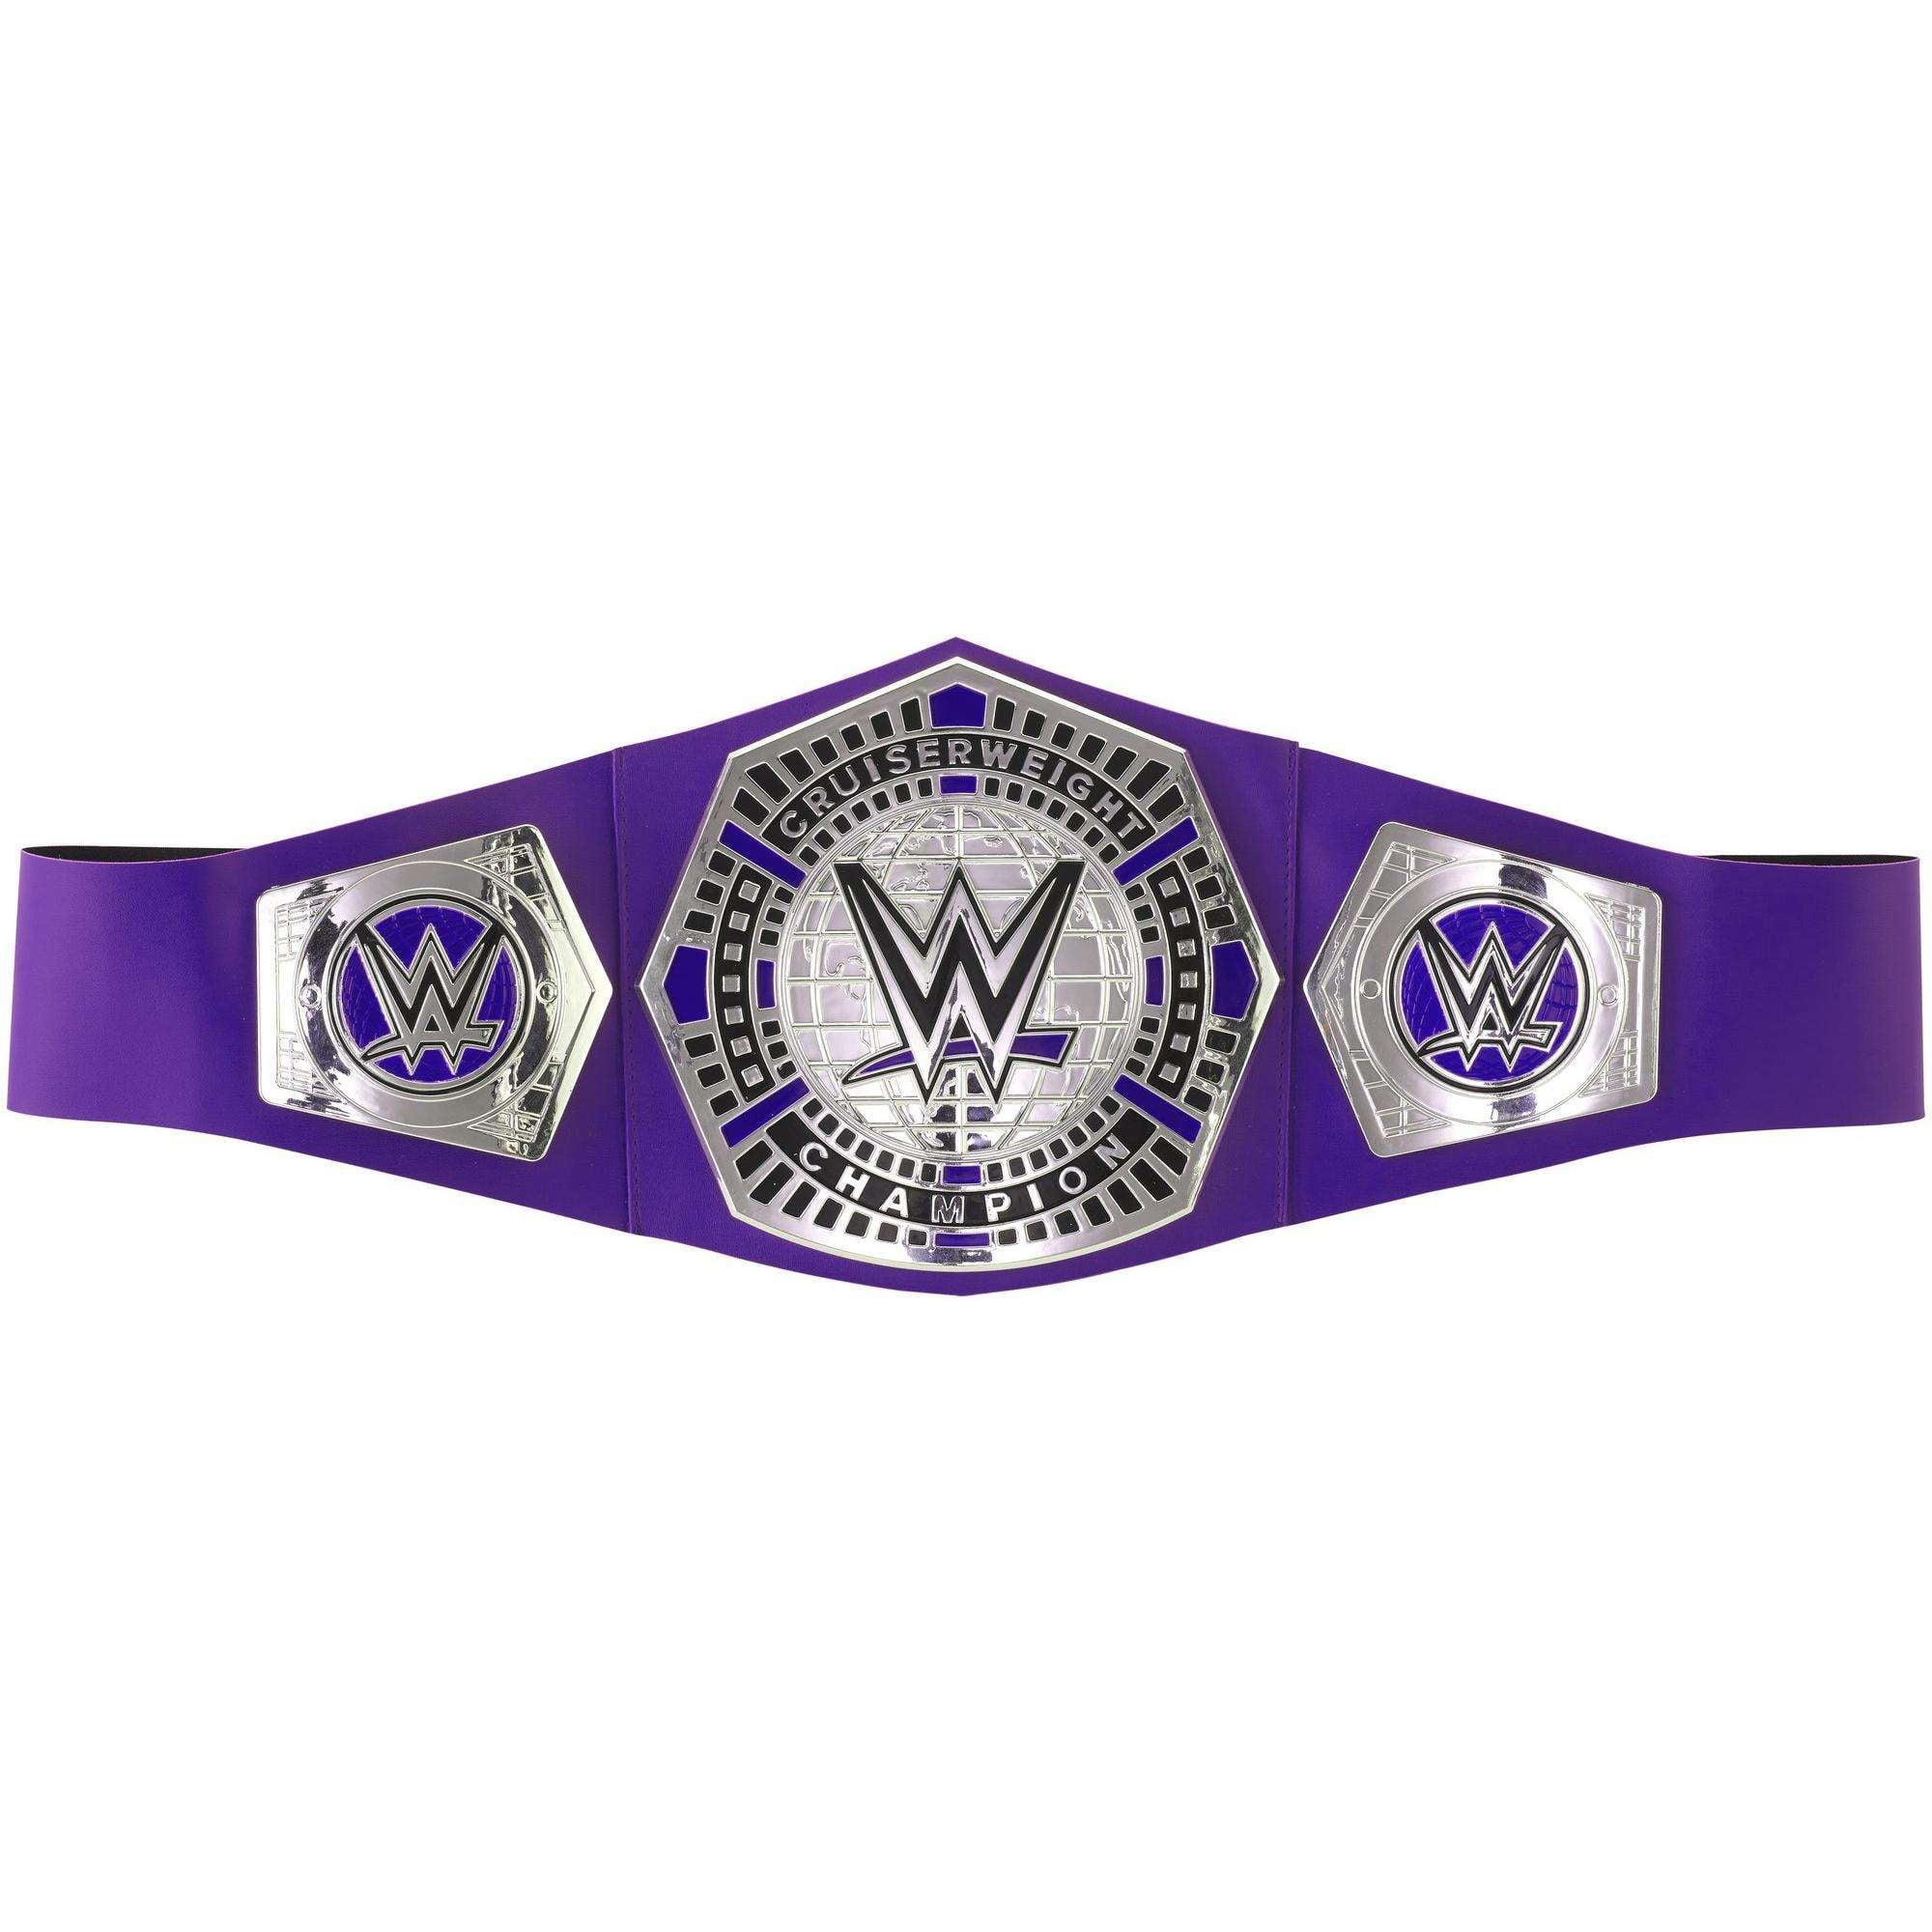 WWE Cruiserweight Title Belt by MATTEL INC.